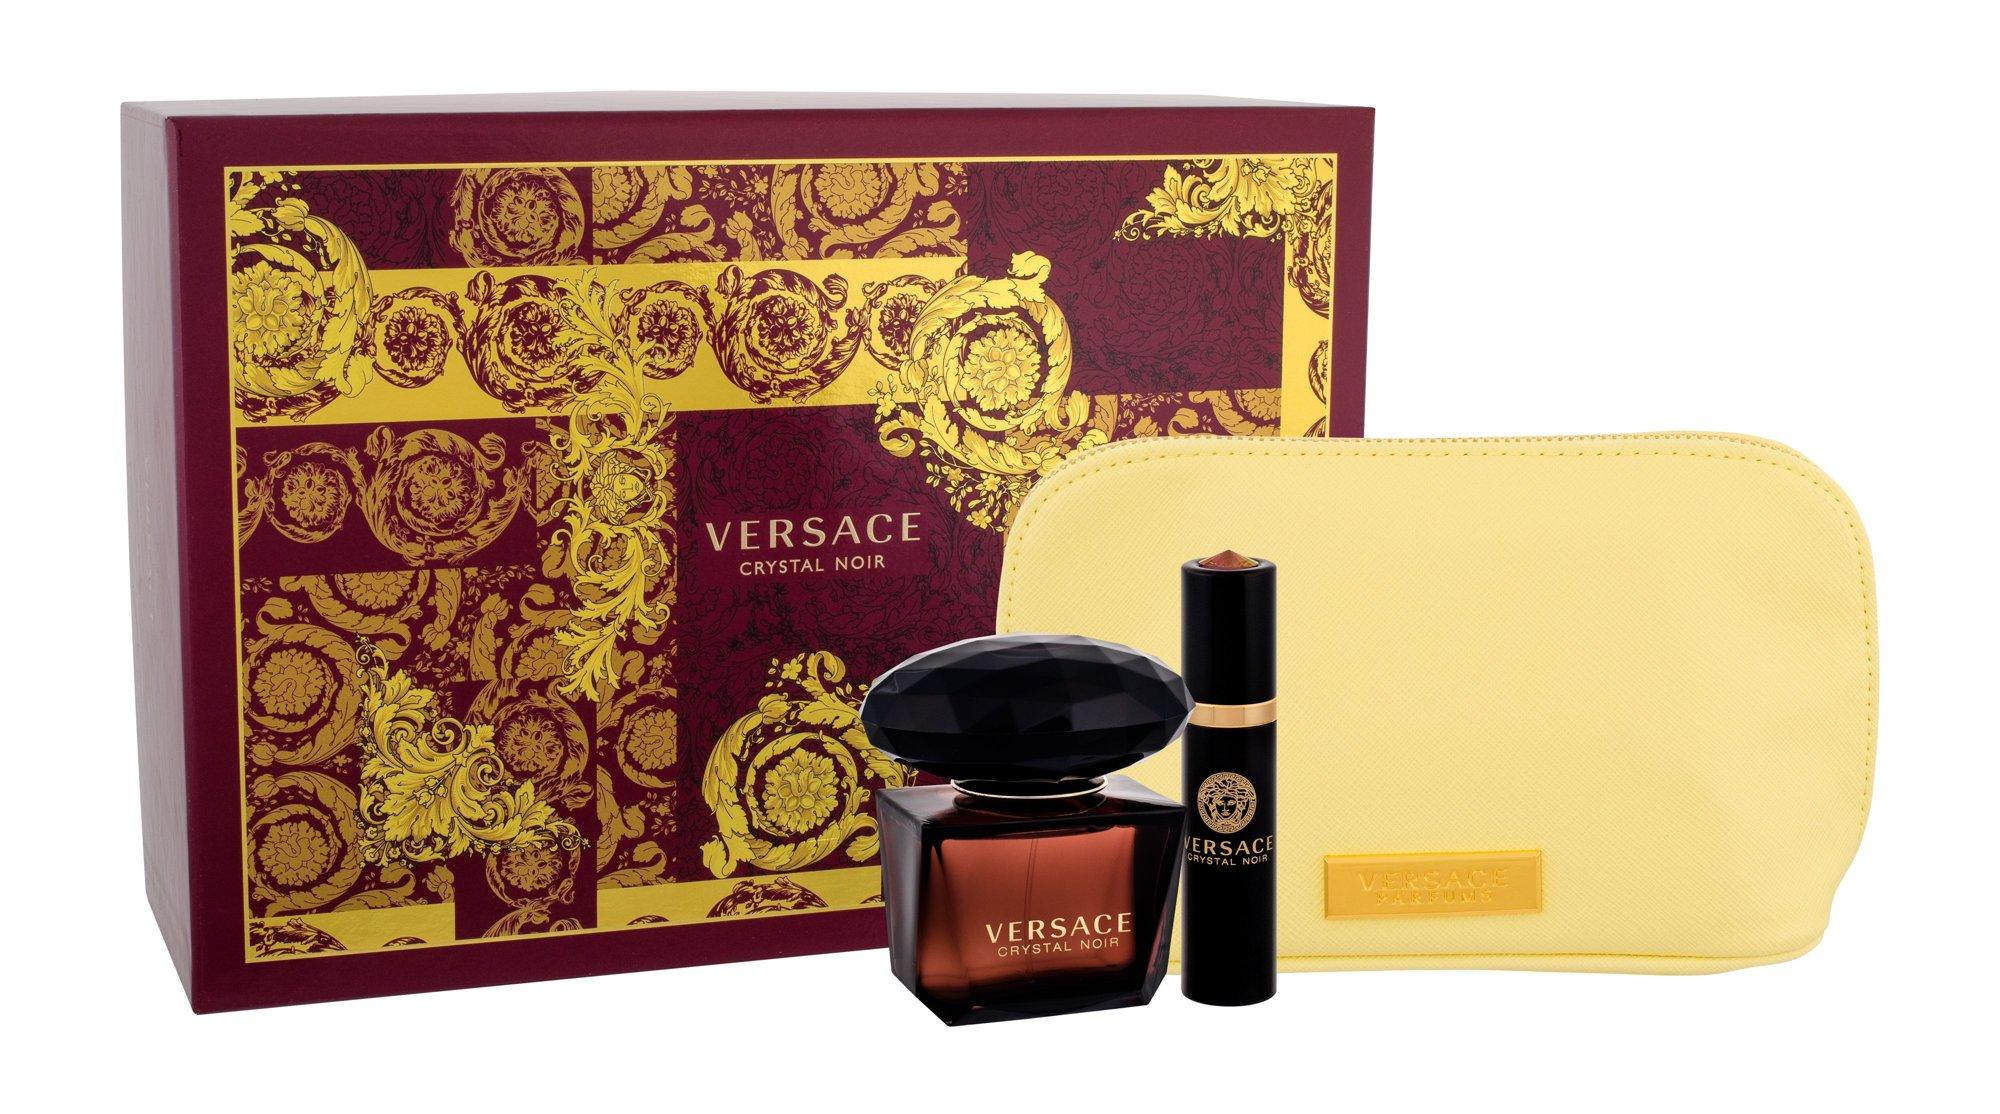 Versace Crystal Noir Eau de Toilette 90ml